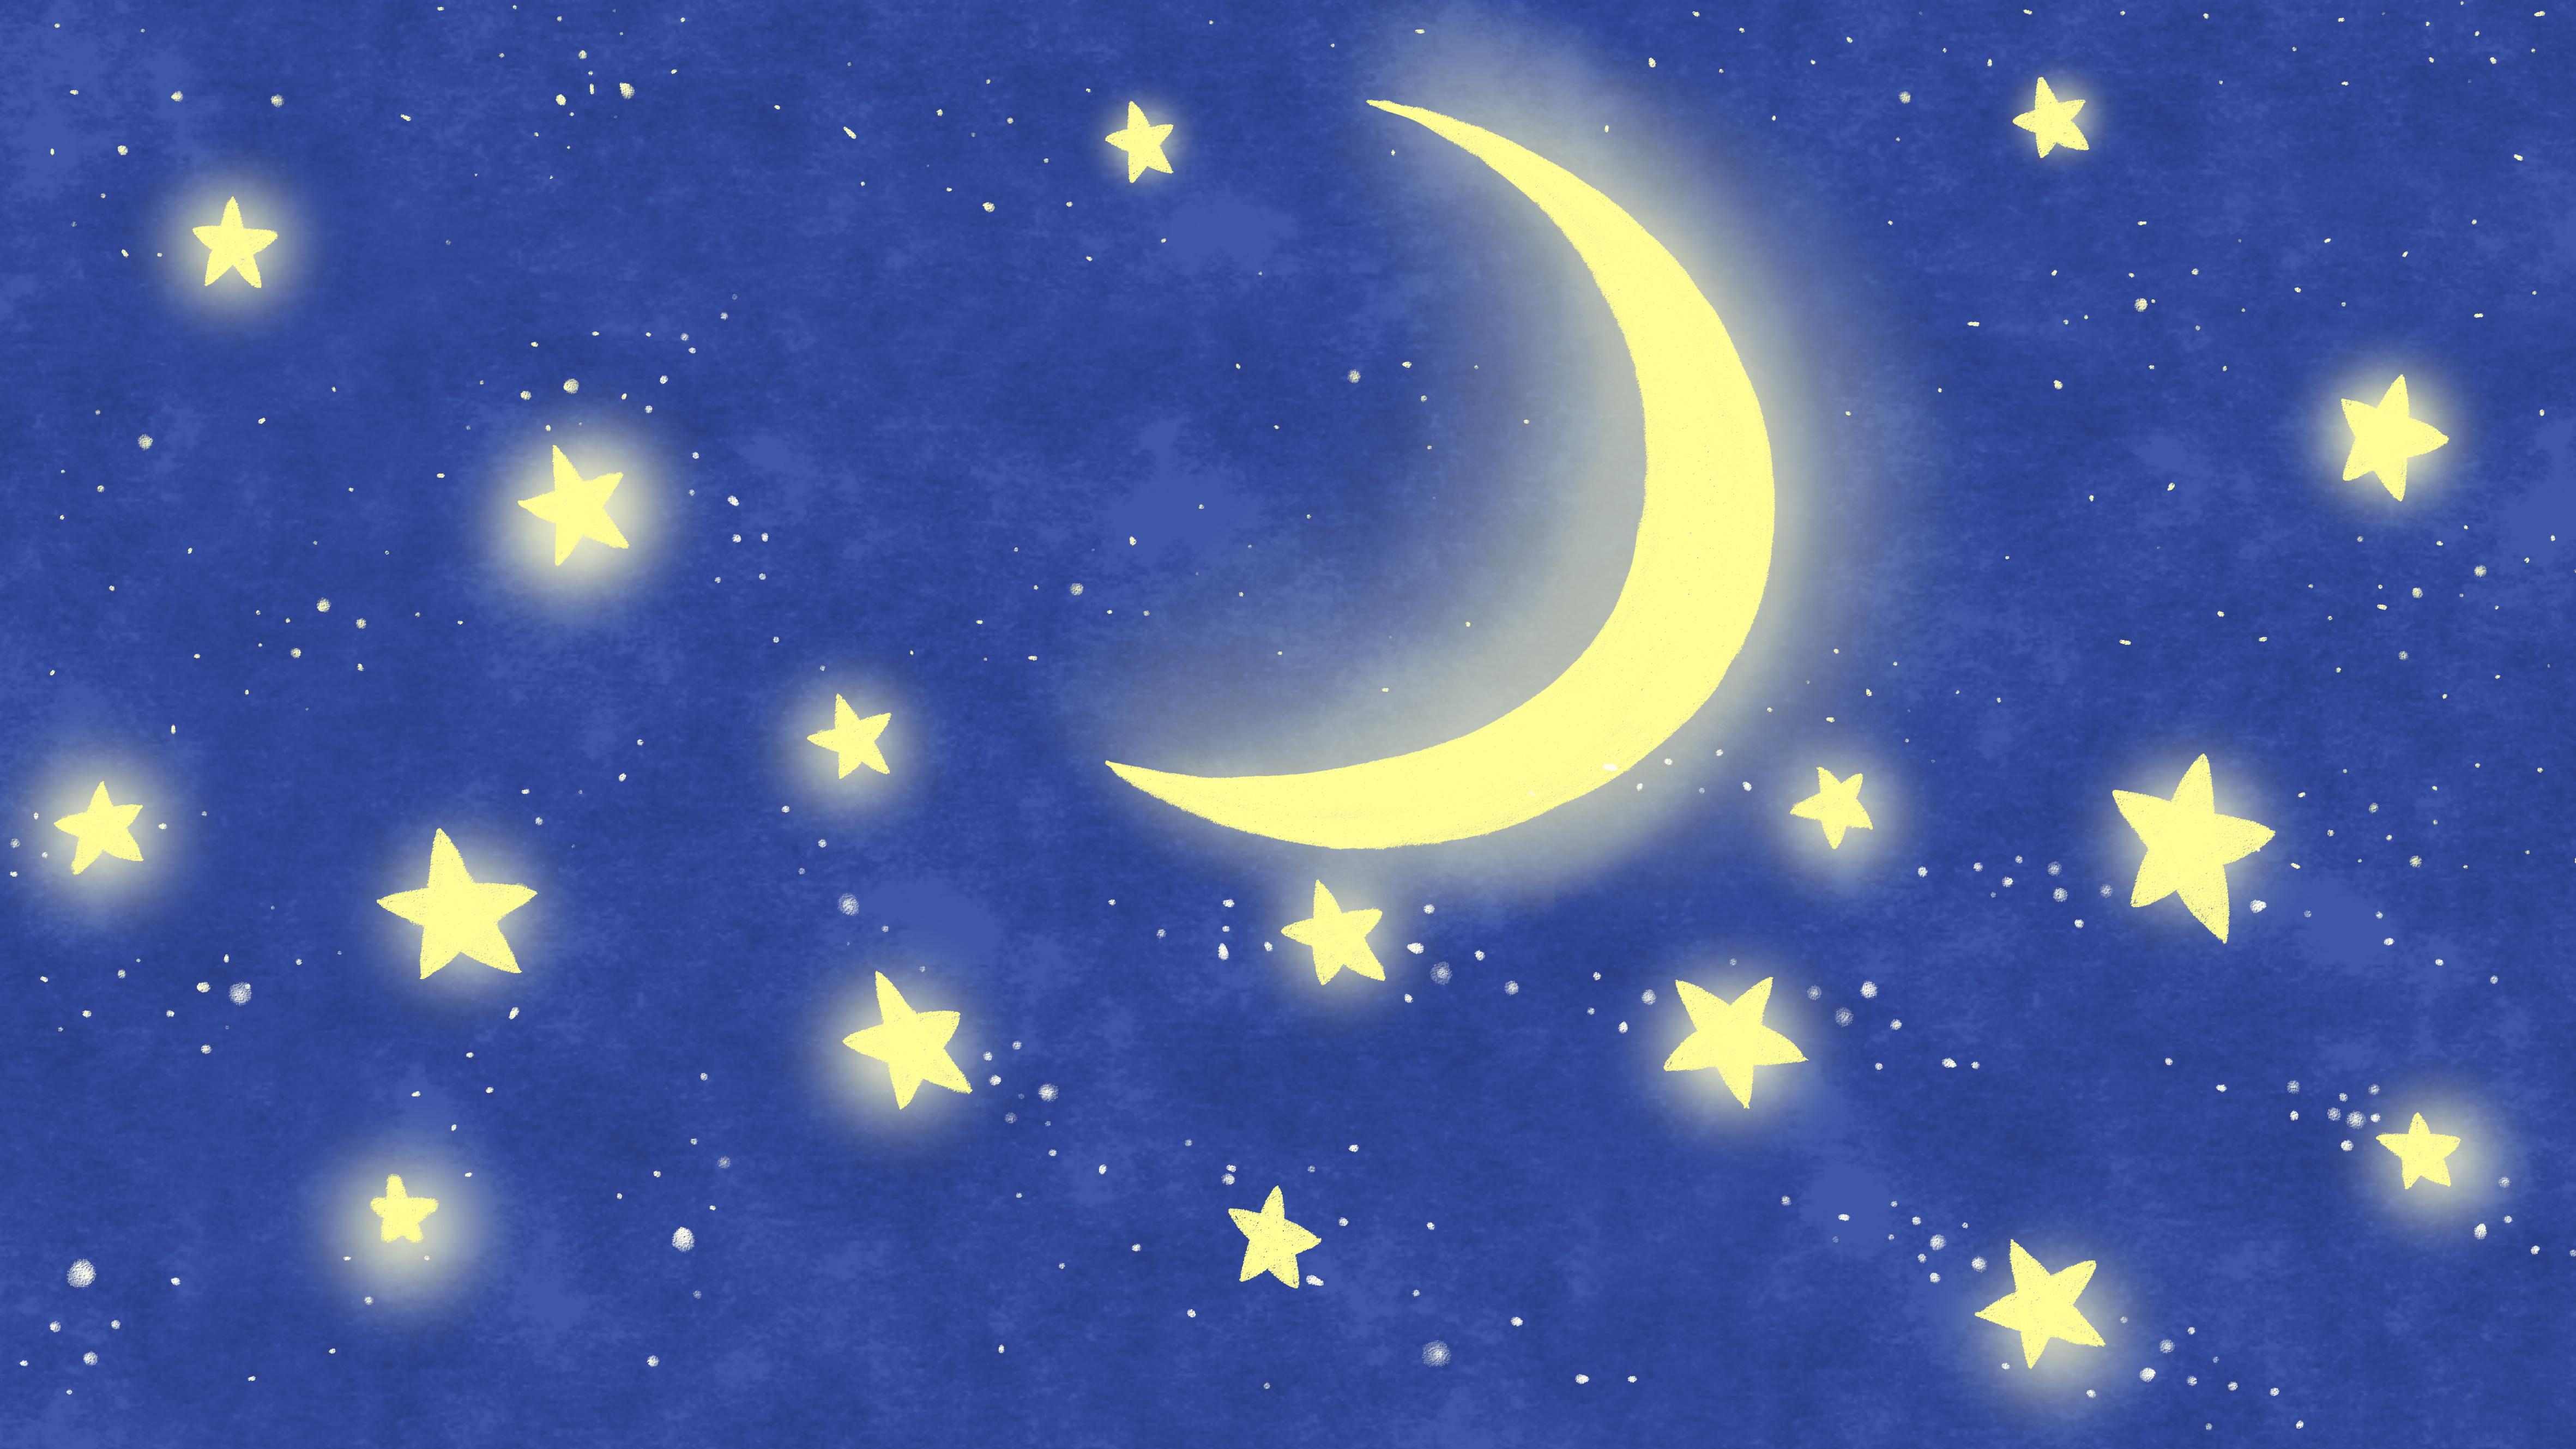 Детская картинка месяц со звездами